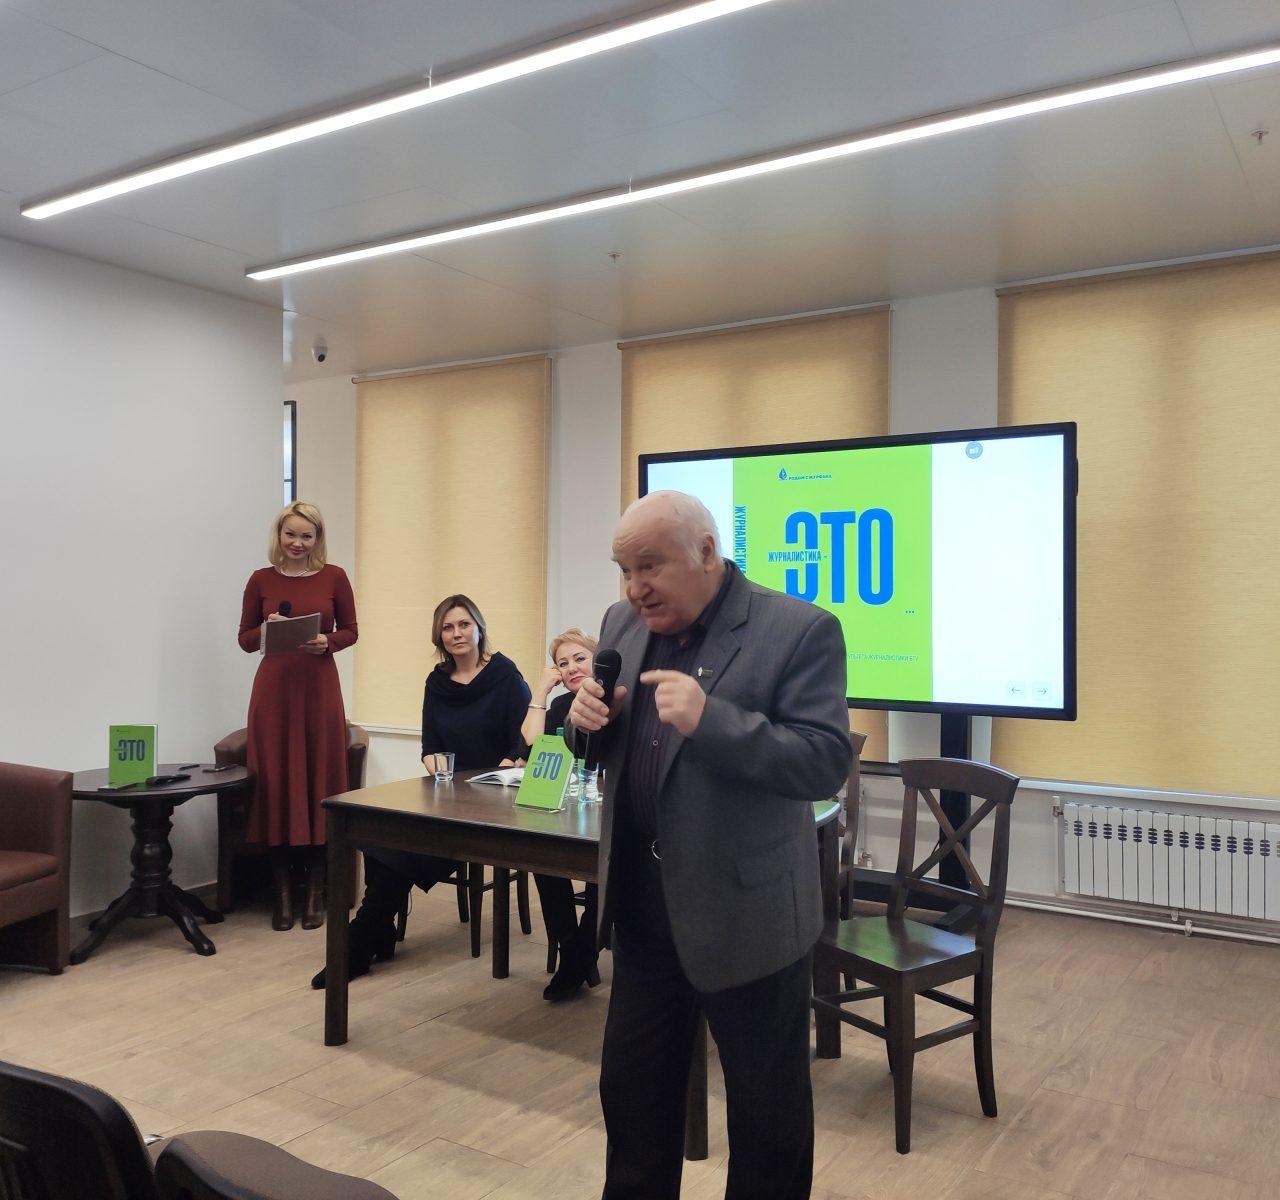 «После таких историй понимаешь: журналистике довольно сложно научить, ей можно только научиться». В Минске прошла презентация книги «Журналистика — это...» 29